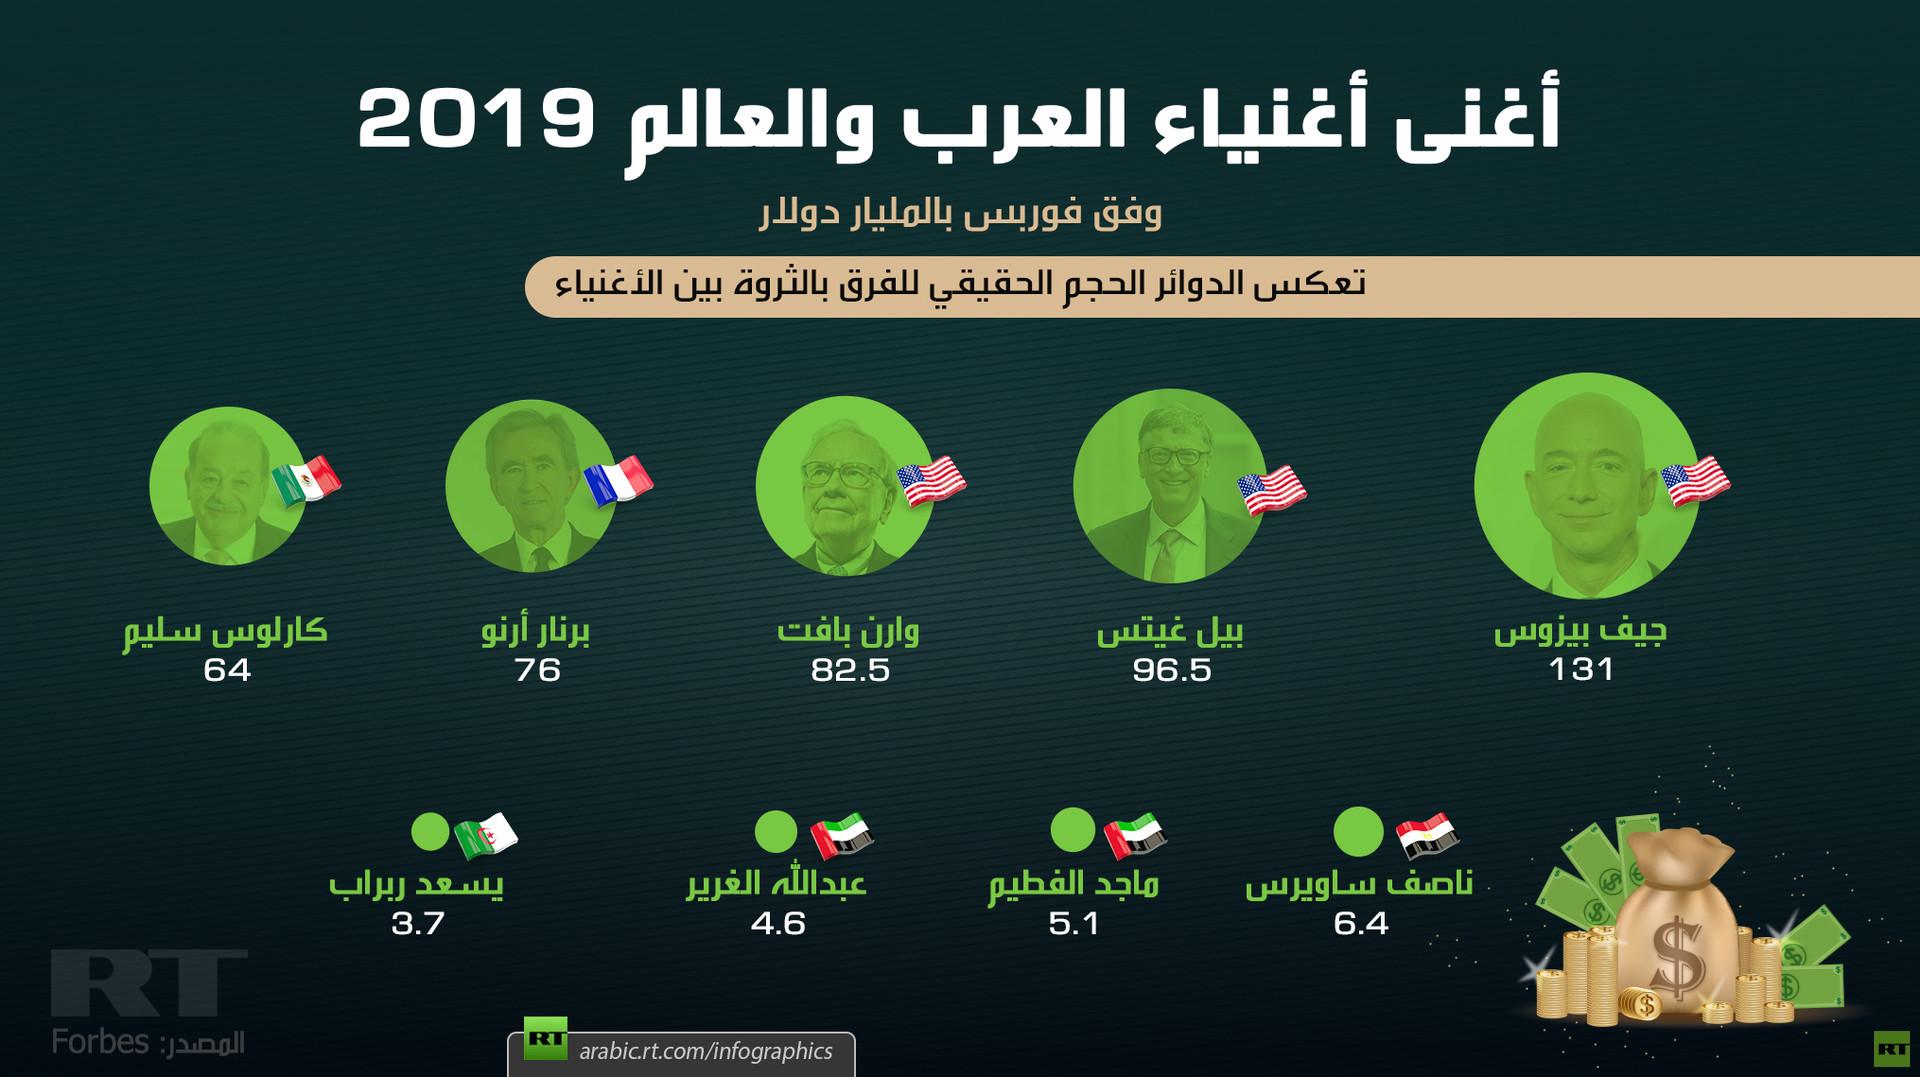 أغنى أغنياء العرب والعالم 2019